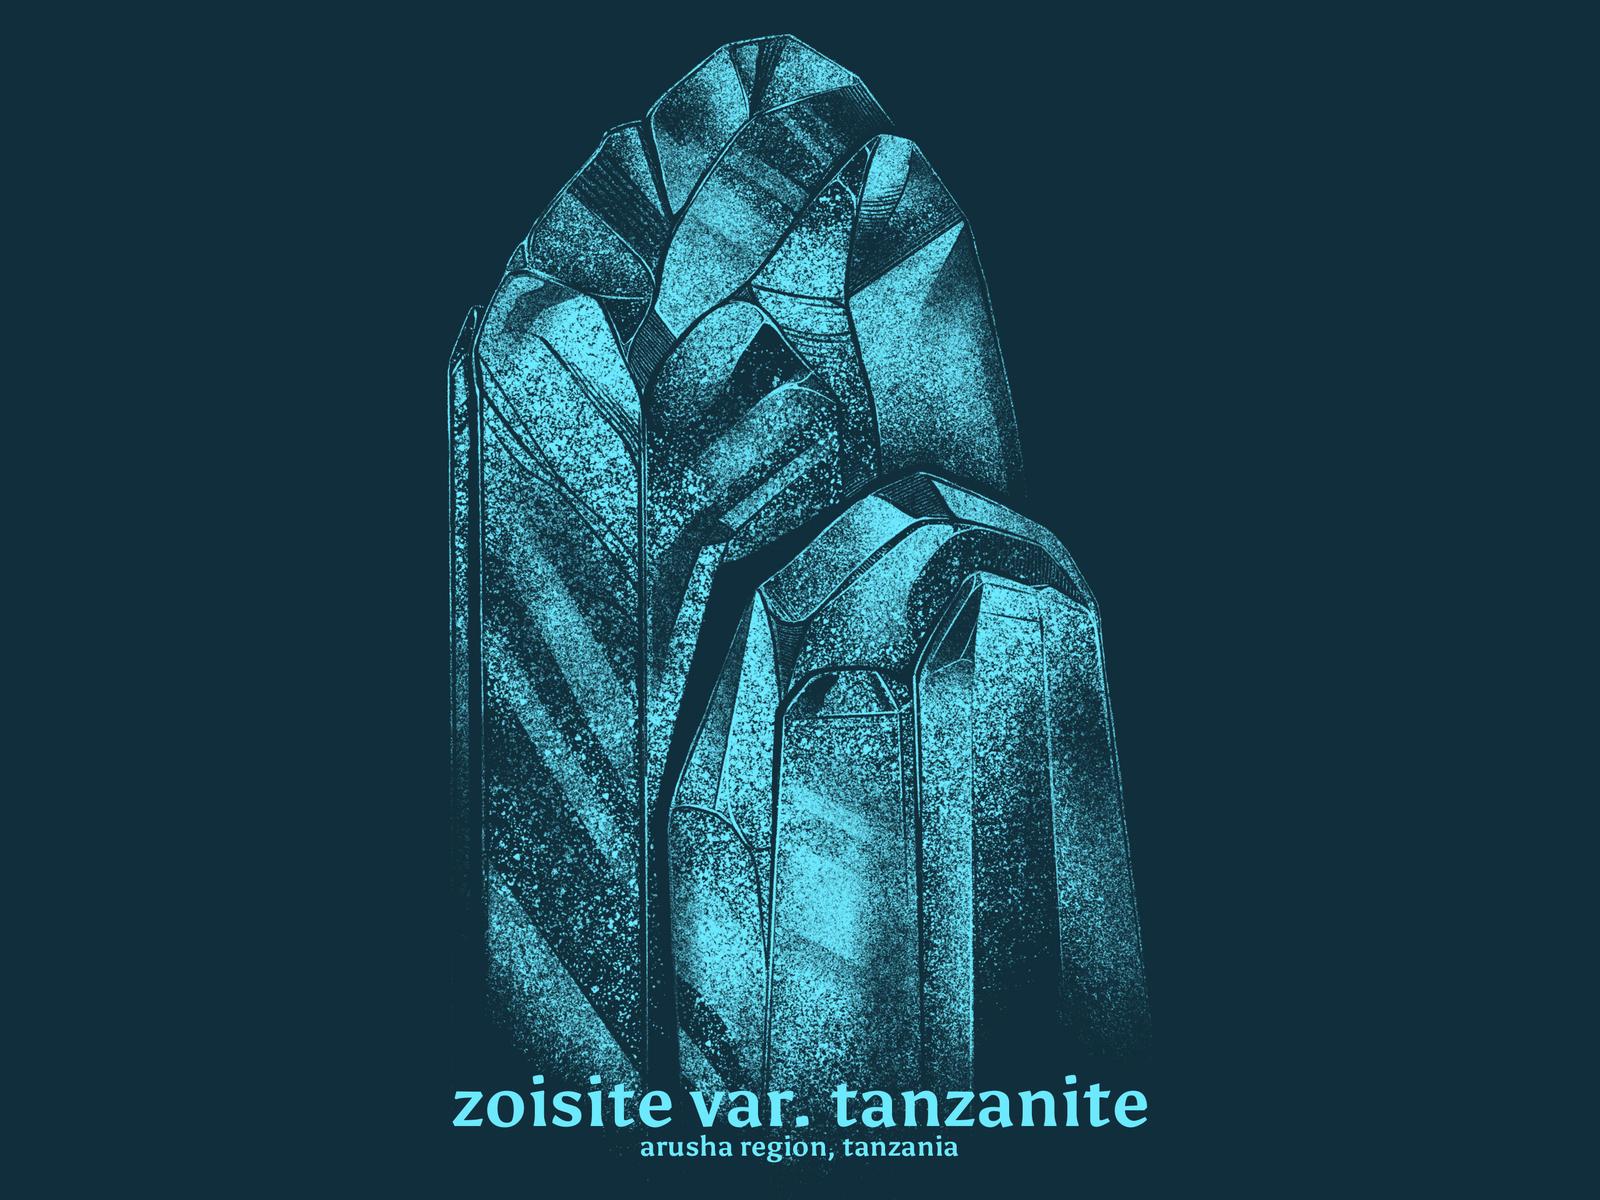 tanzanite_4x